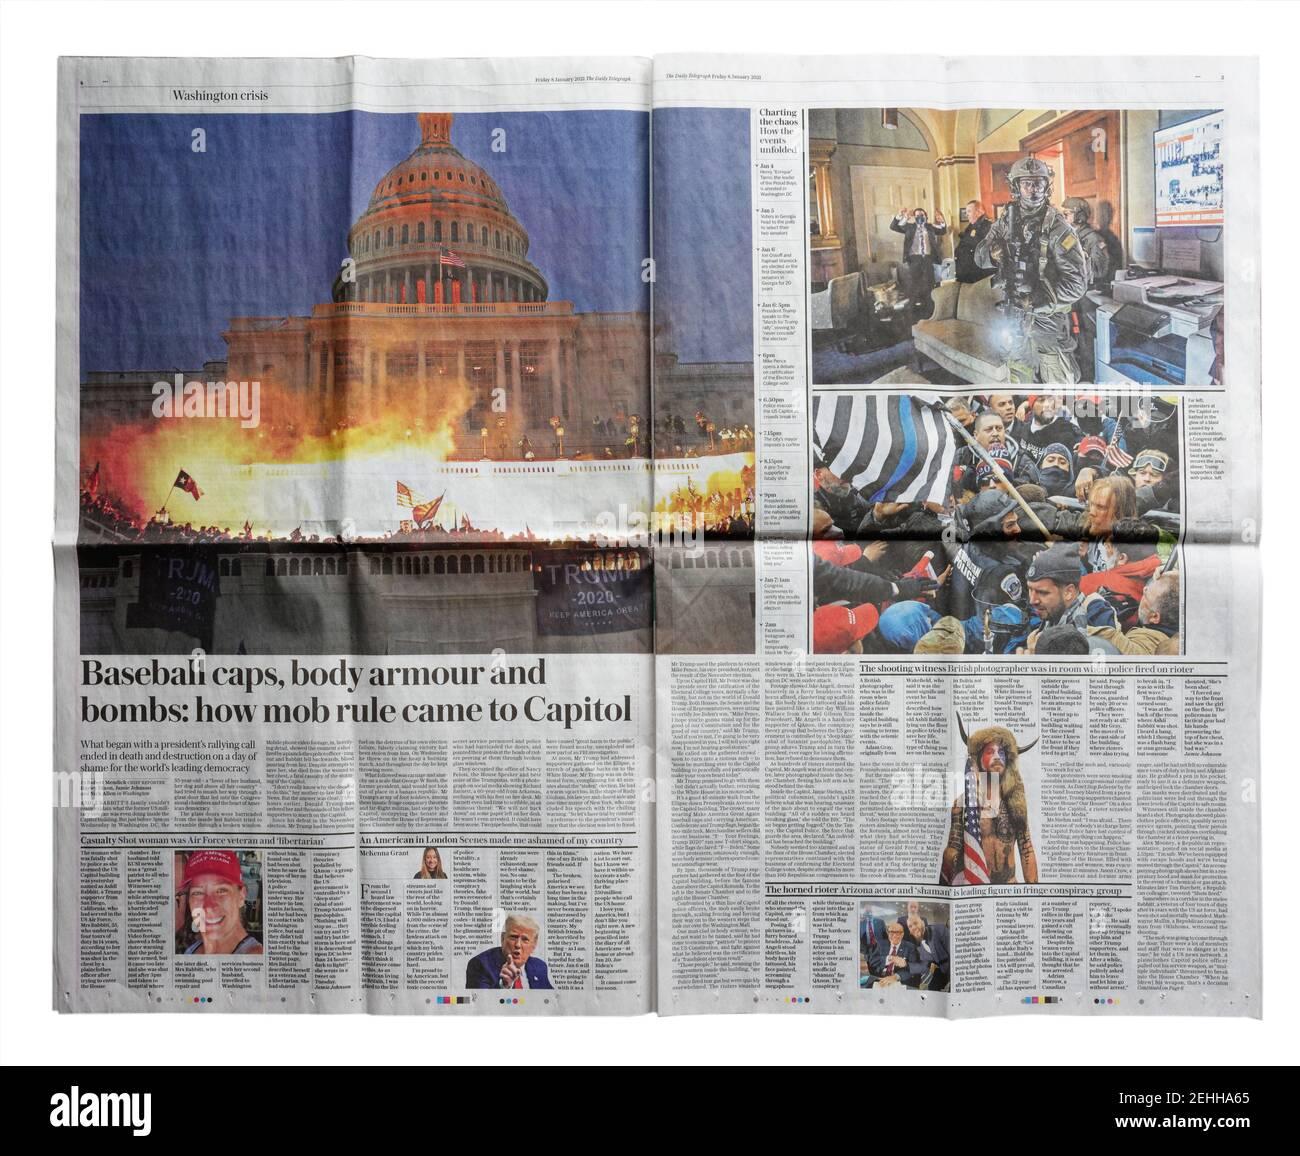 Une double page du quotidien Telegraph à propos de L'invasion du Capitole du 6 janvier 2021 Banque D'Images